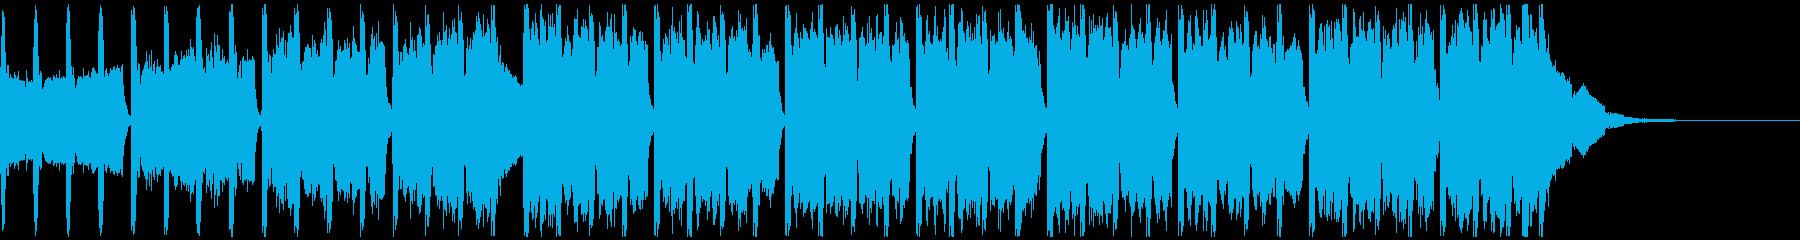 レーシング(30秒)の再生済みの波形